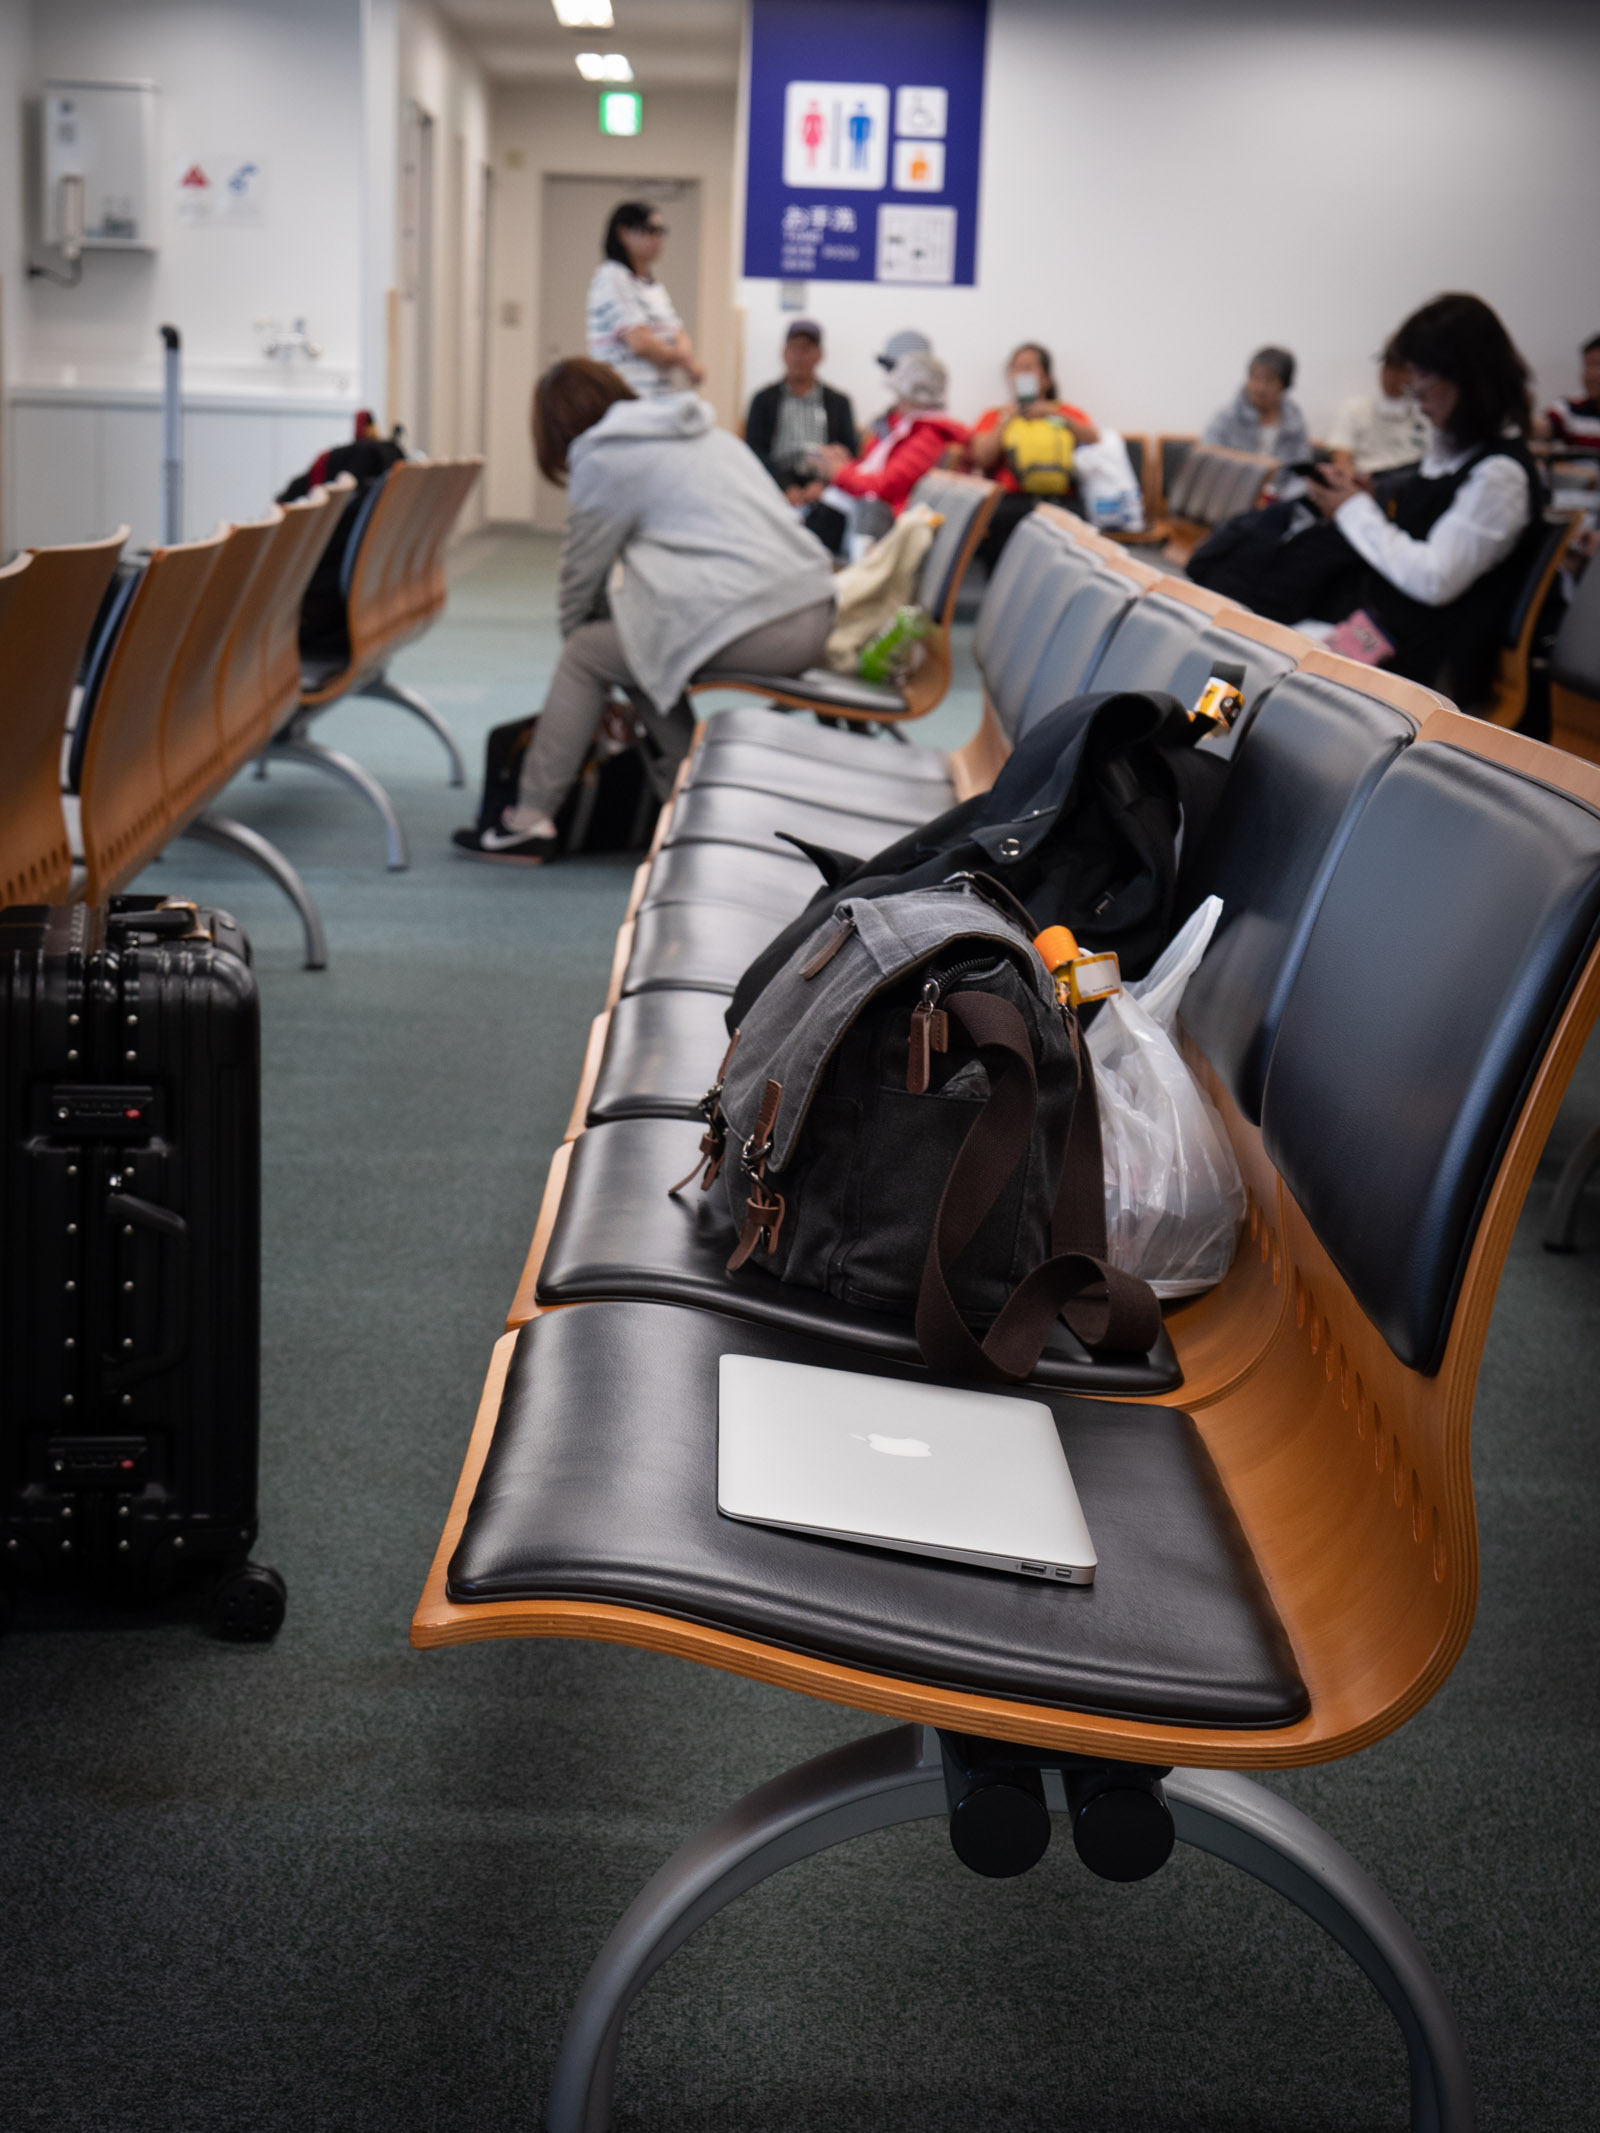 函館空港国際線出発ロビーでノートPCを開く